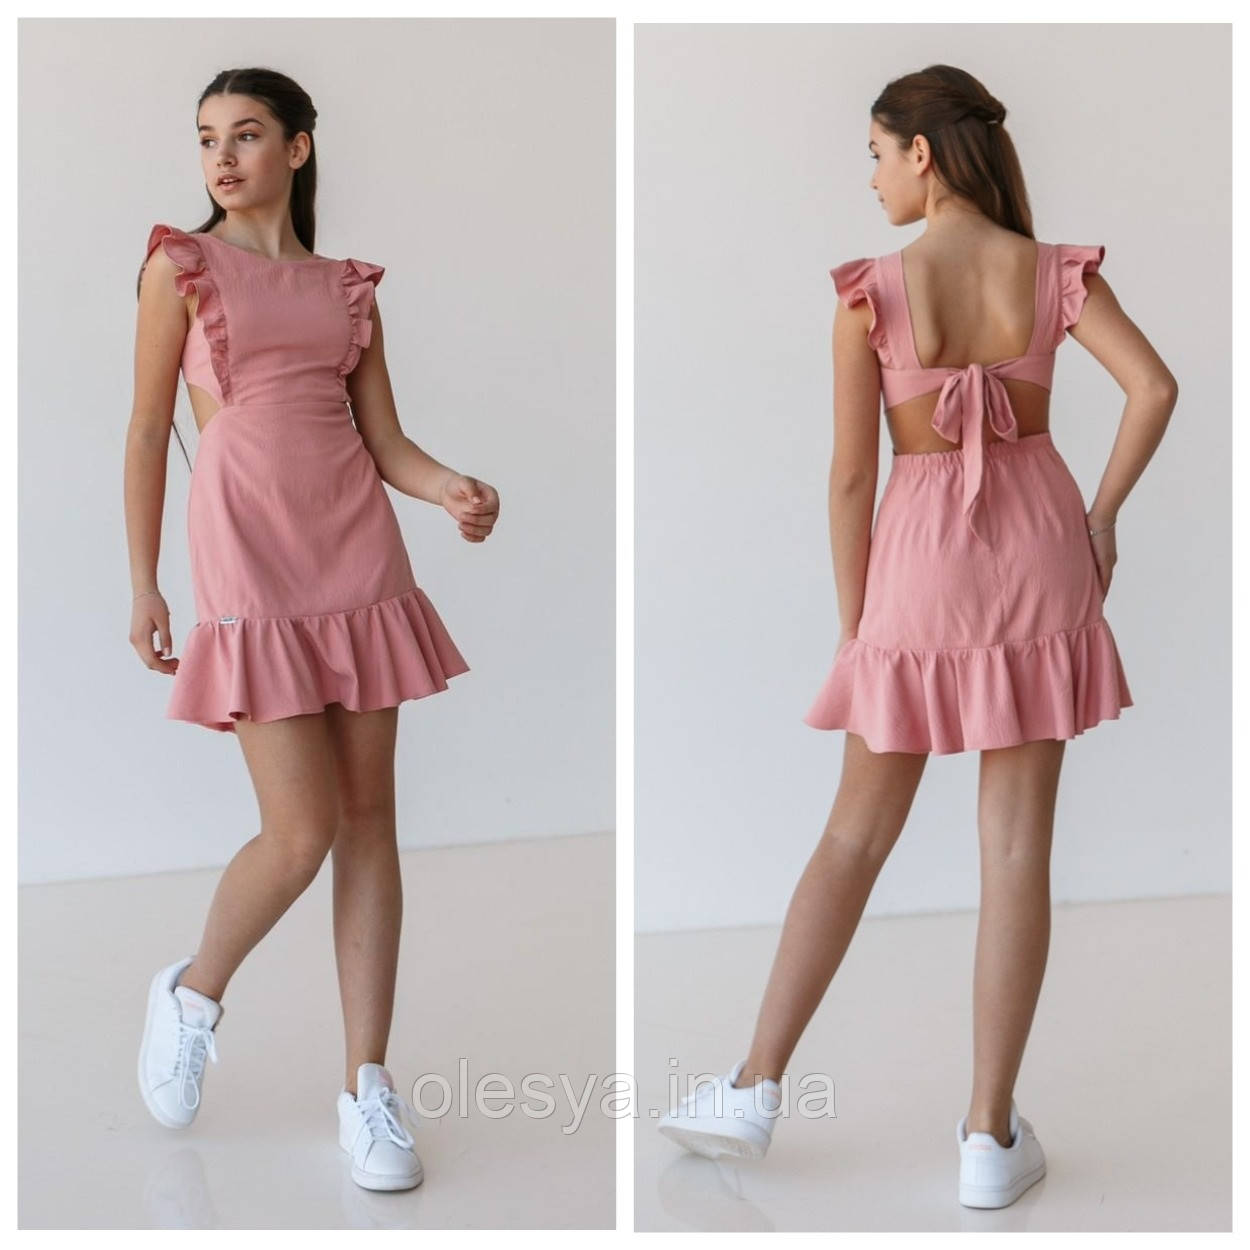 Летнее платье для девочек консуела размеры 146 - 164 тм suzie